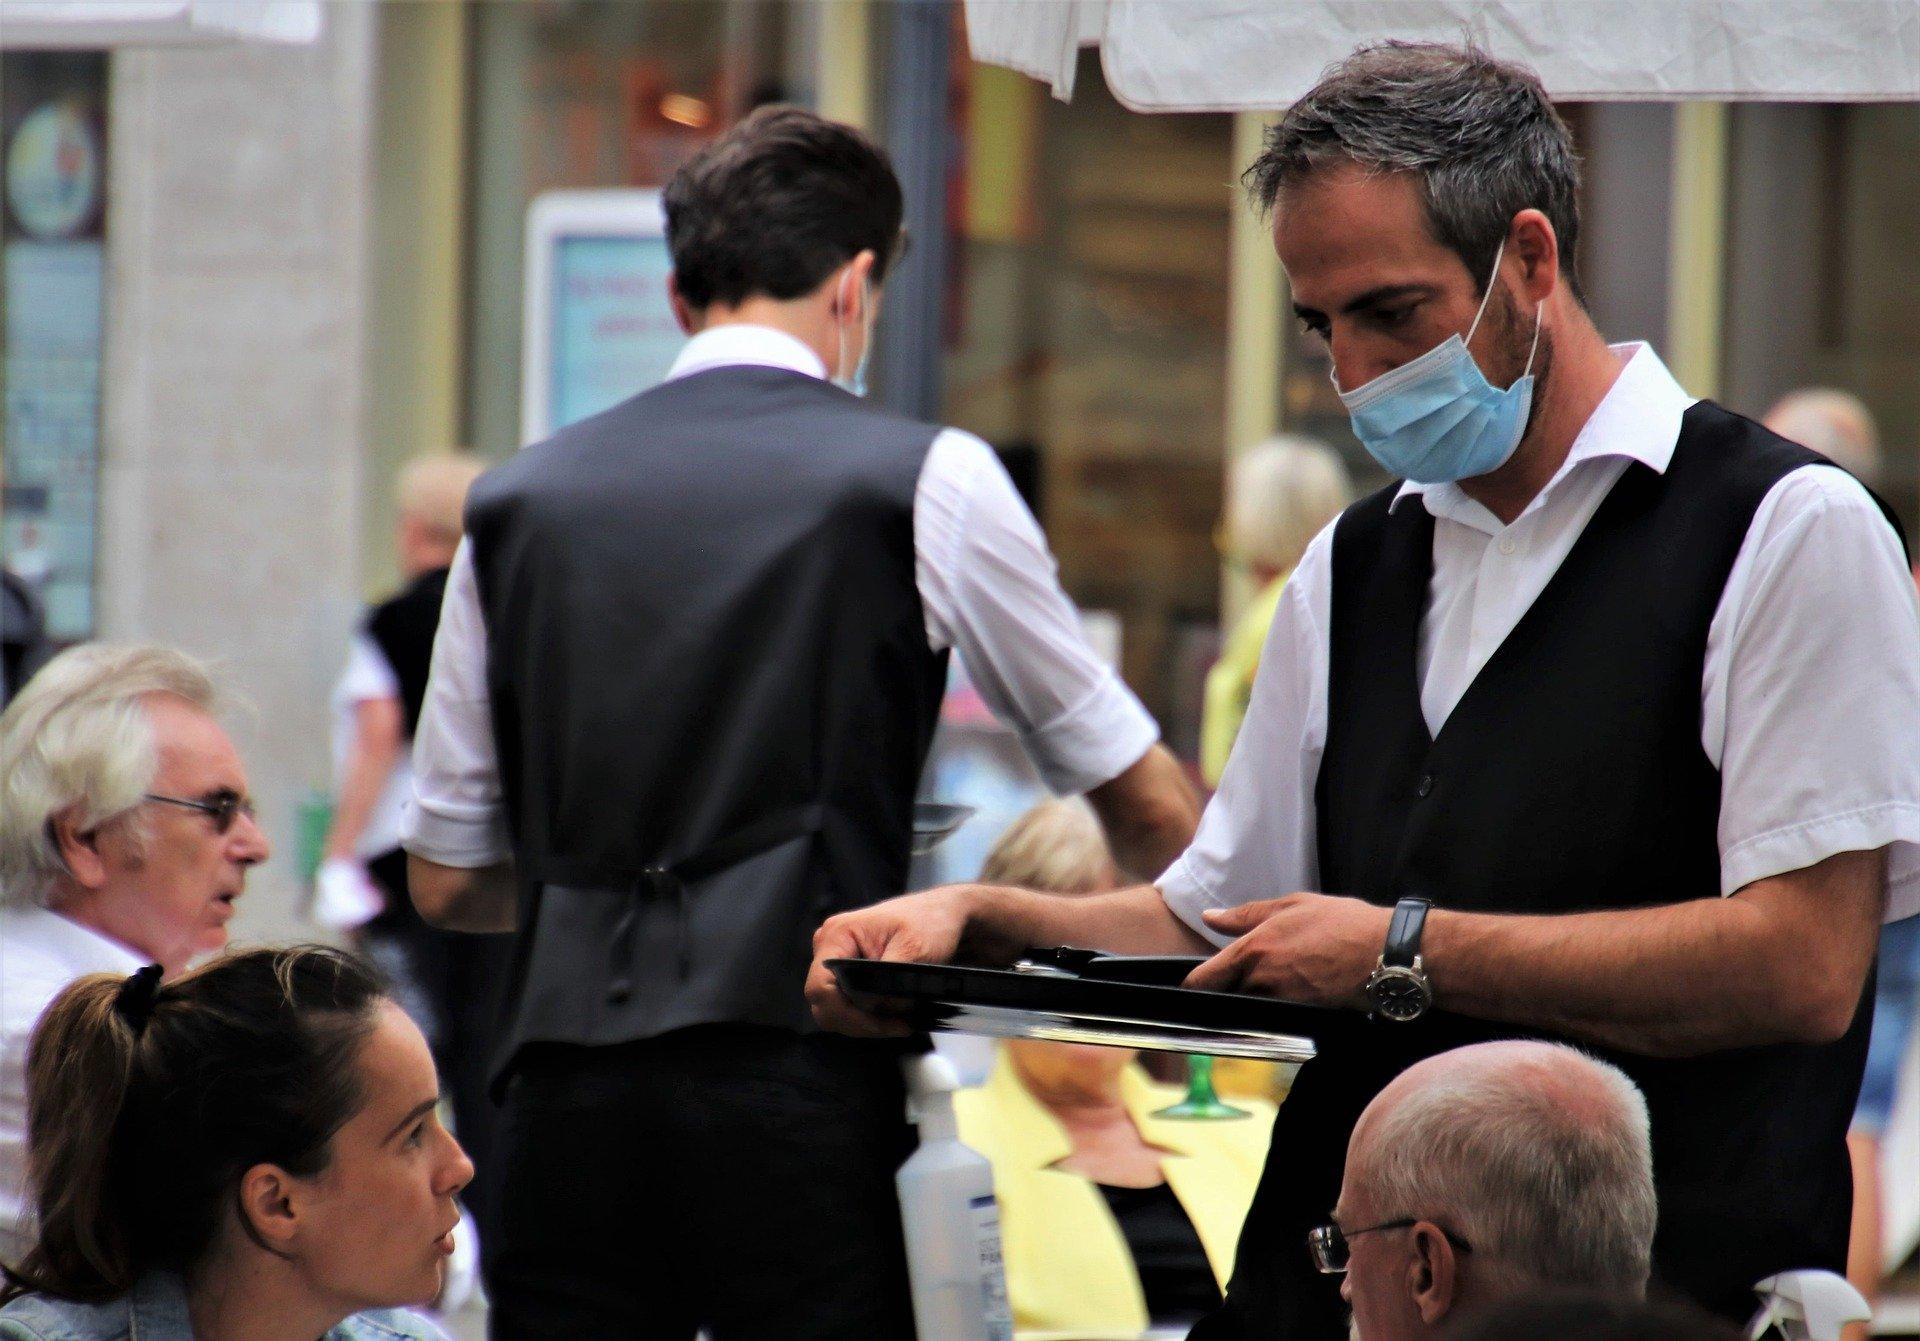 Les commerçants illégaux recevront des sanctions plus sévères